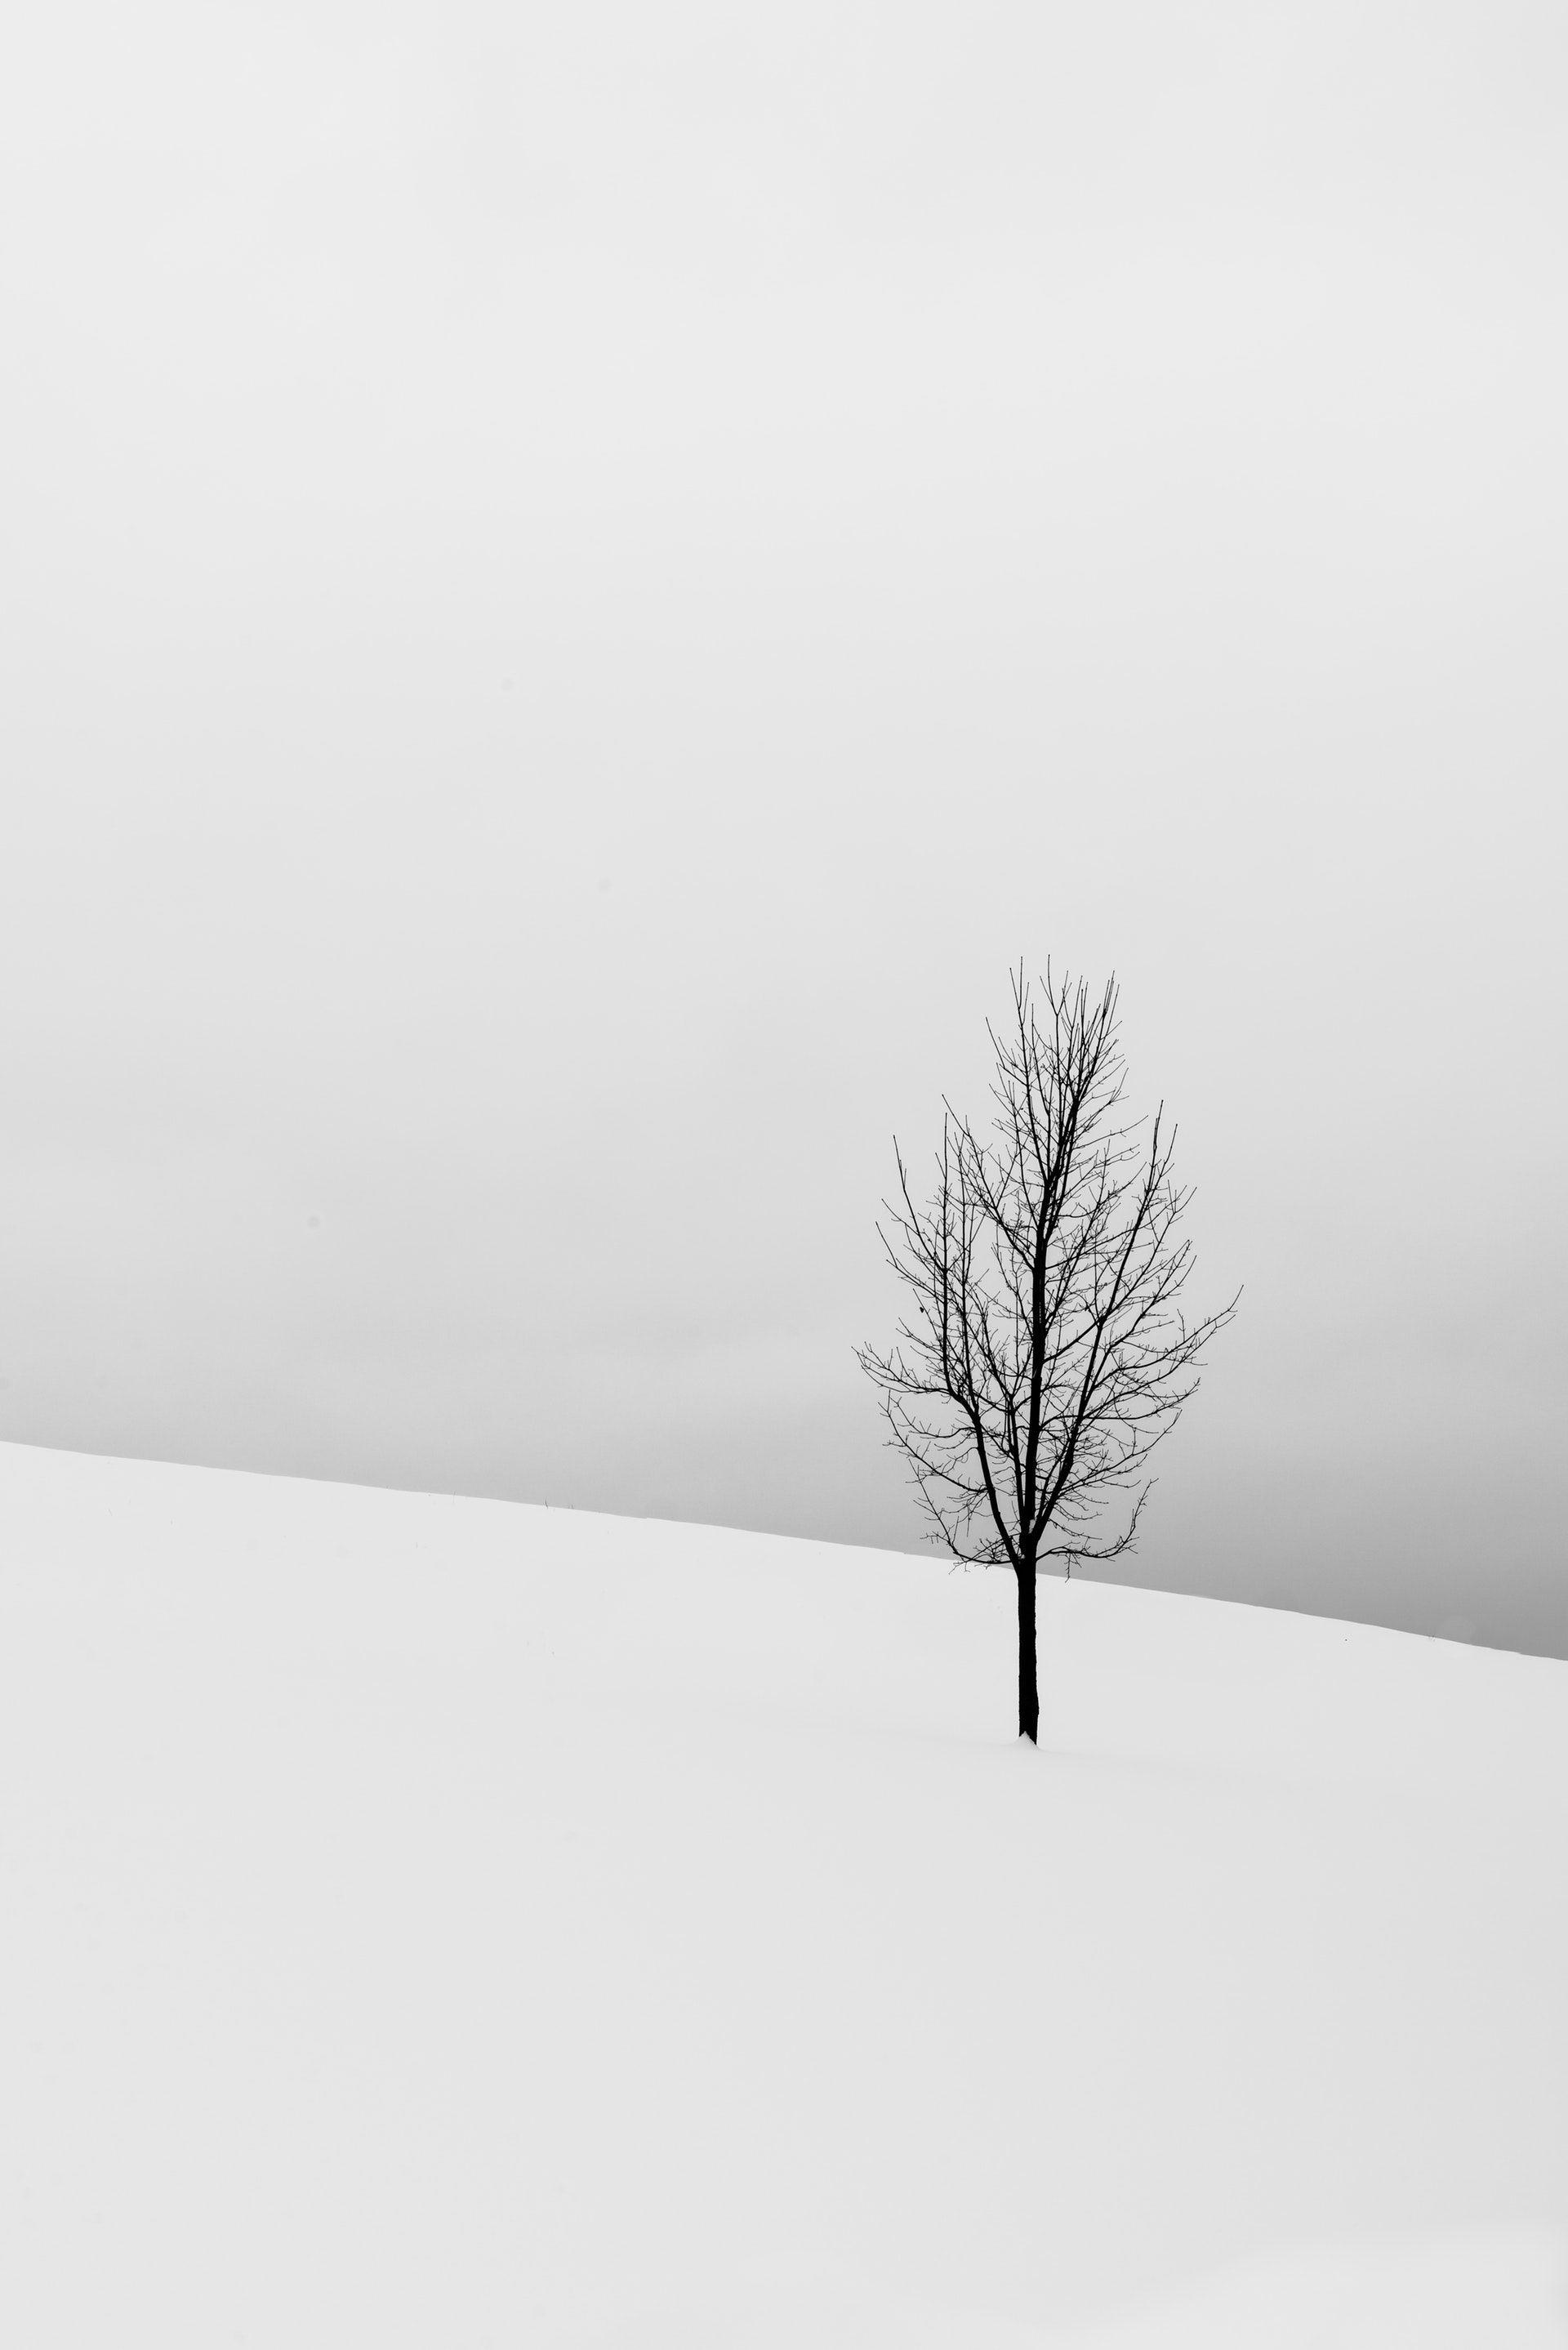 عکس زمینه درخت برهنه در پوشش برف پس زمینه